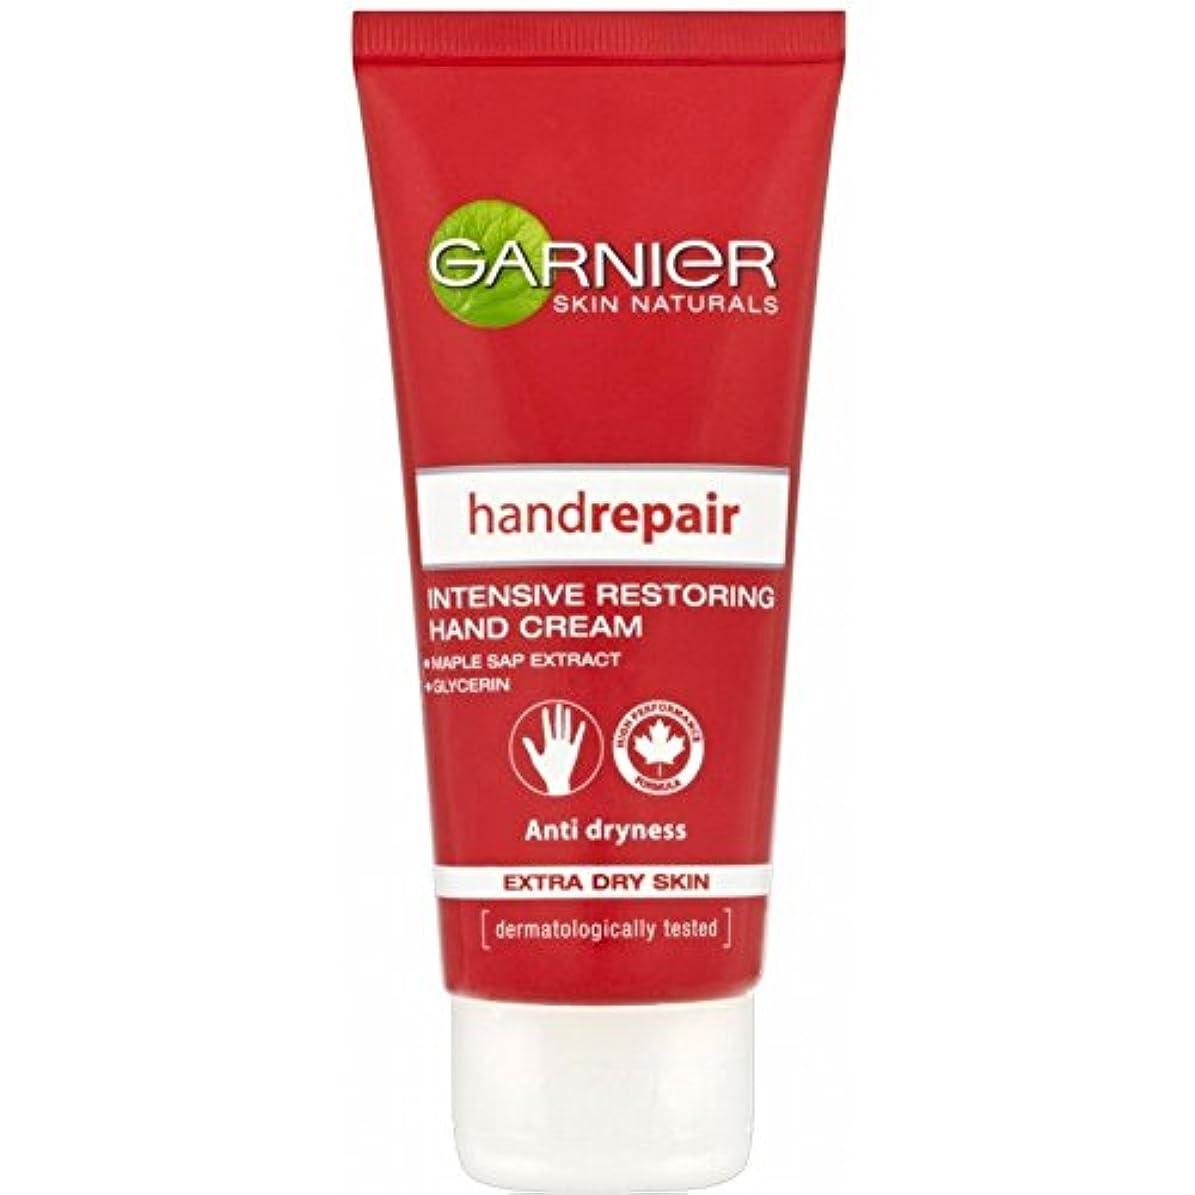 掃除偽善者カポックGarnier Hand Repair for Extra Dry Skin (100ml) 余分な乾燥肌のためのガルニエハンド修理( 100ミリリットル) [並行輸入品]